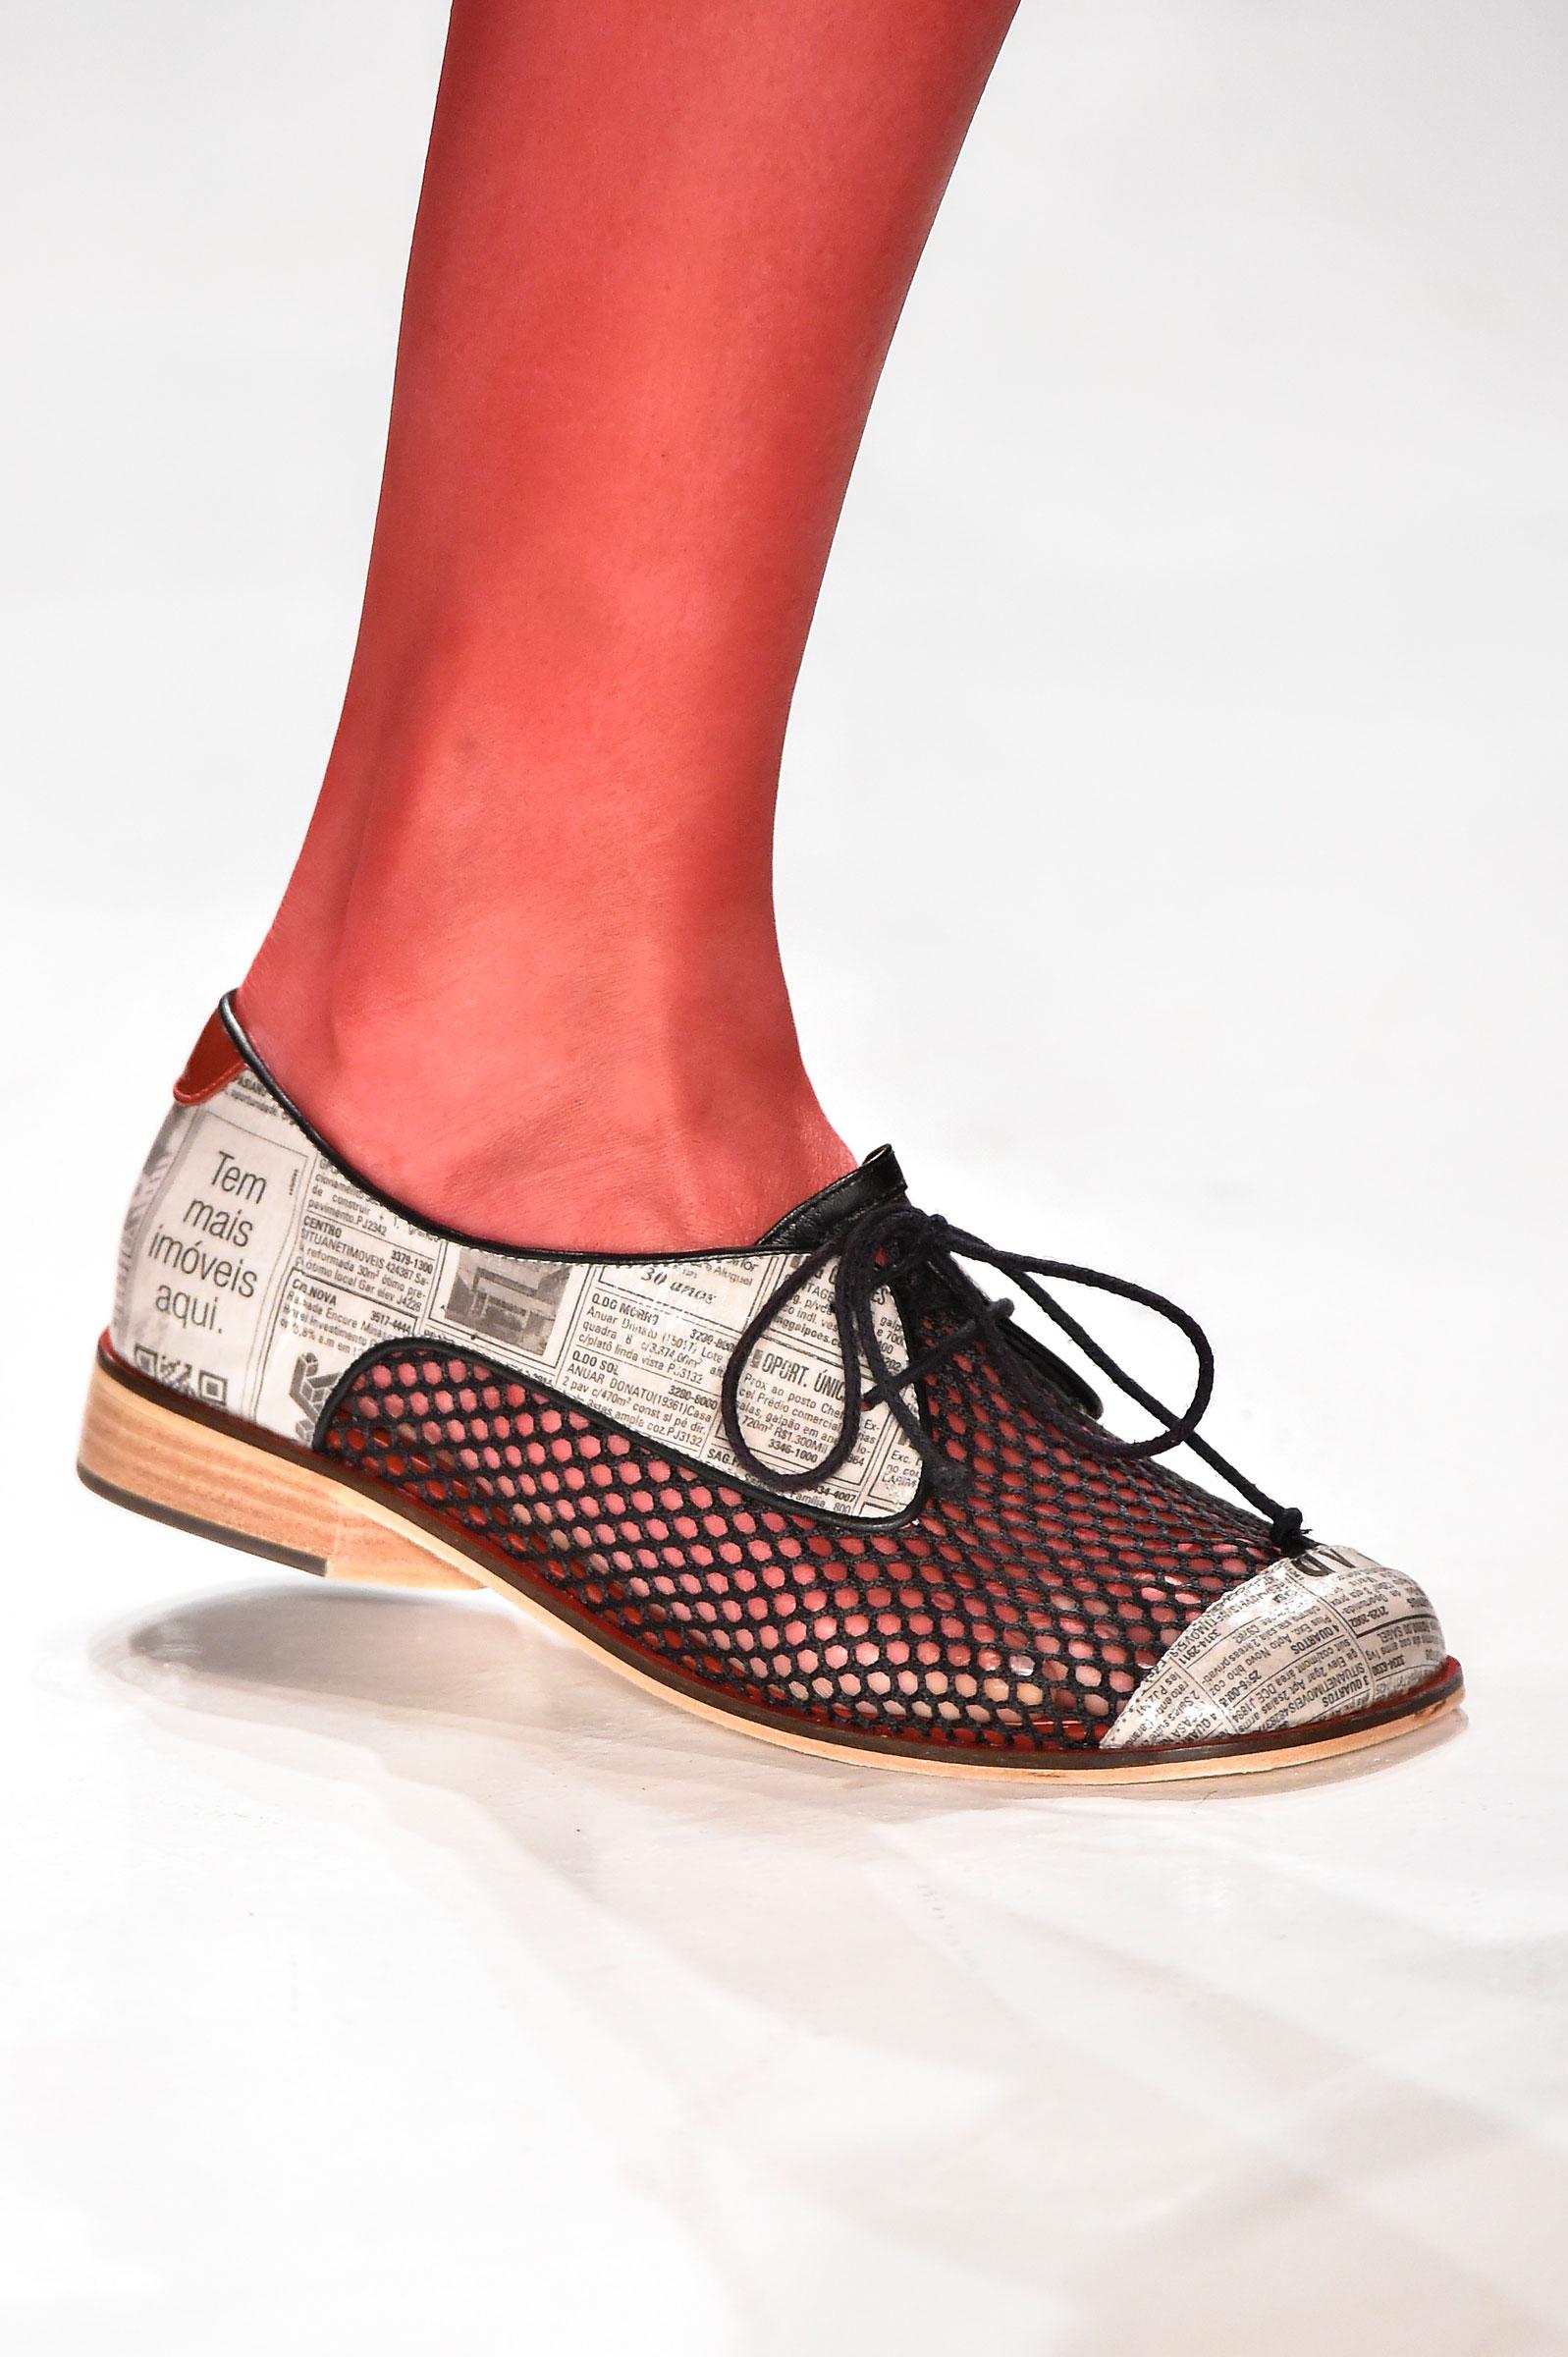 e51ee4222 Galeria de Fotos Acerte o passo: os melhores sapatos nas tendências mais  quentes do SPFW // Foto 32 // Notícias // FFW